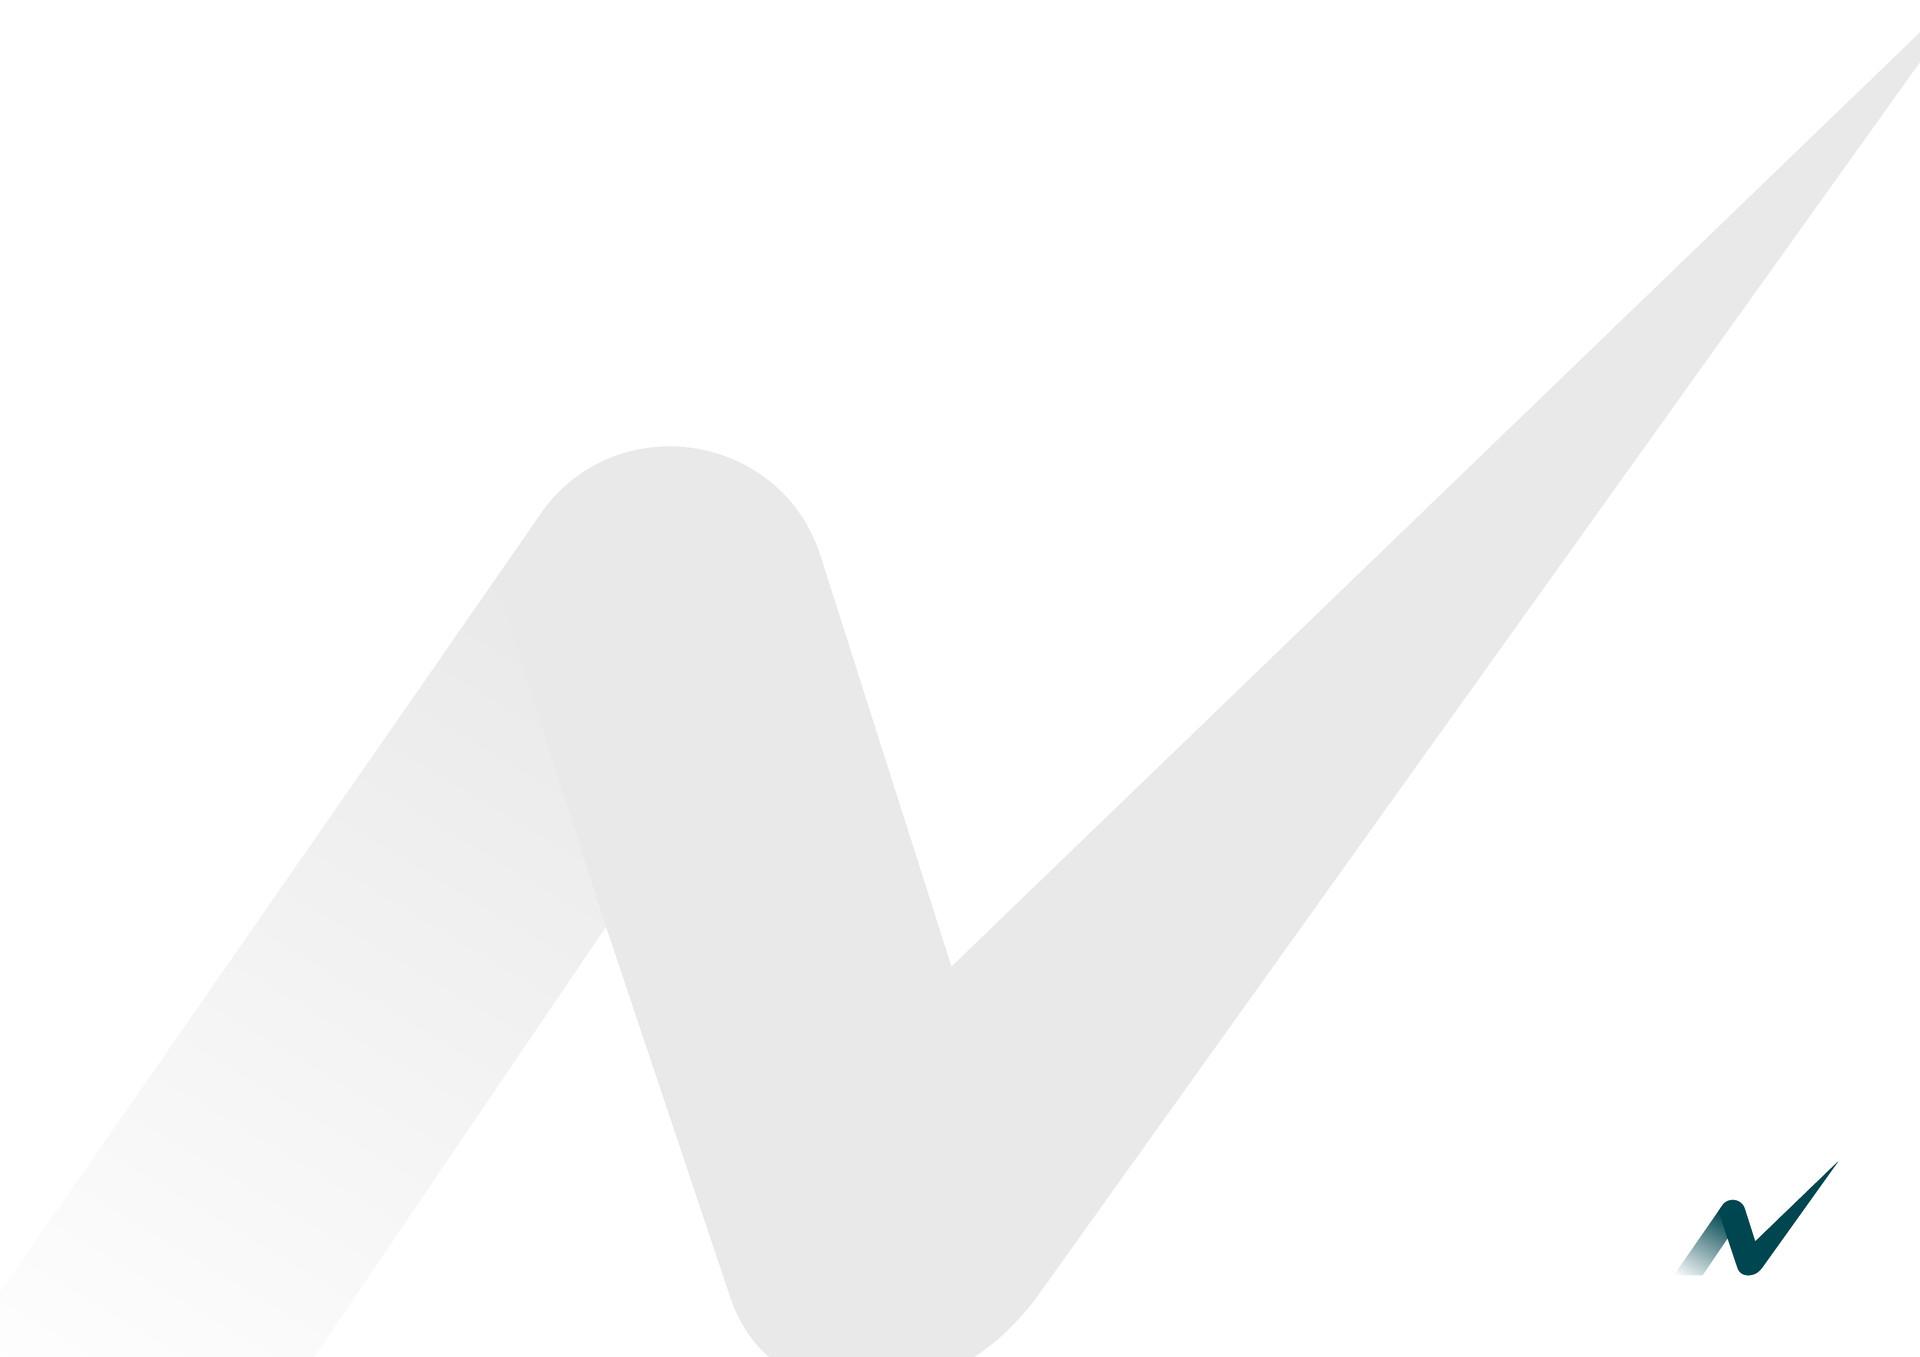 NutriVolve Branding V36.jpg